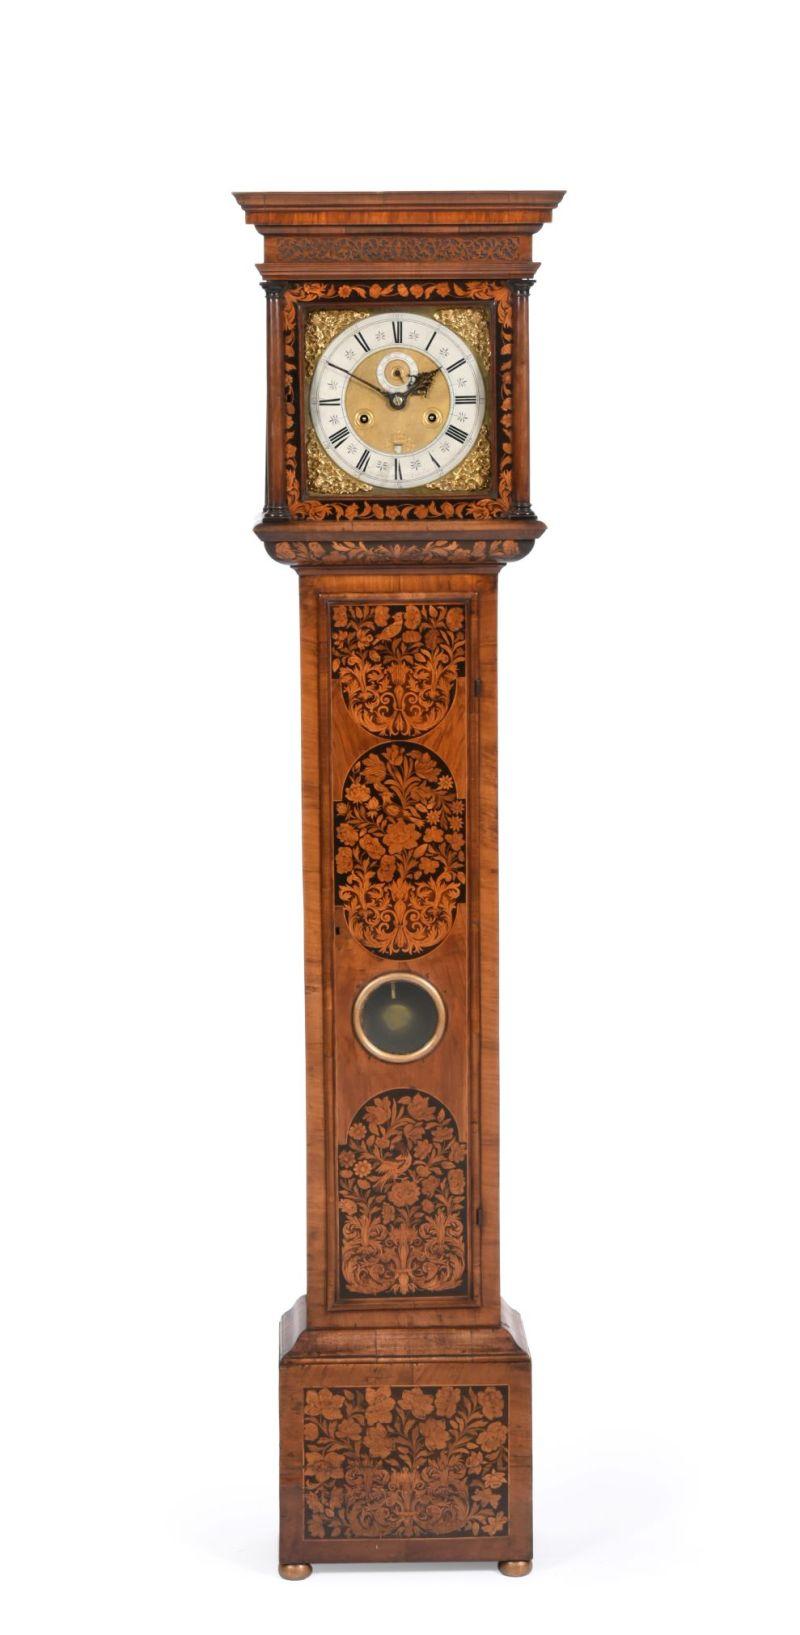 John Barnett Clock circa 1690